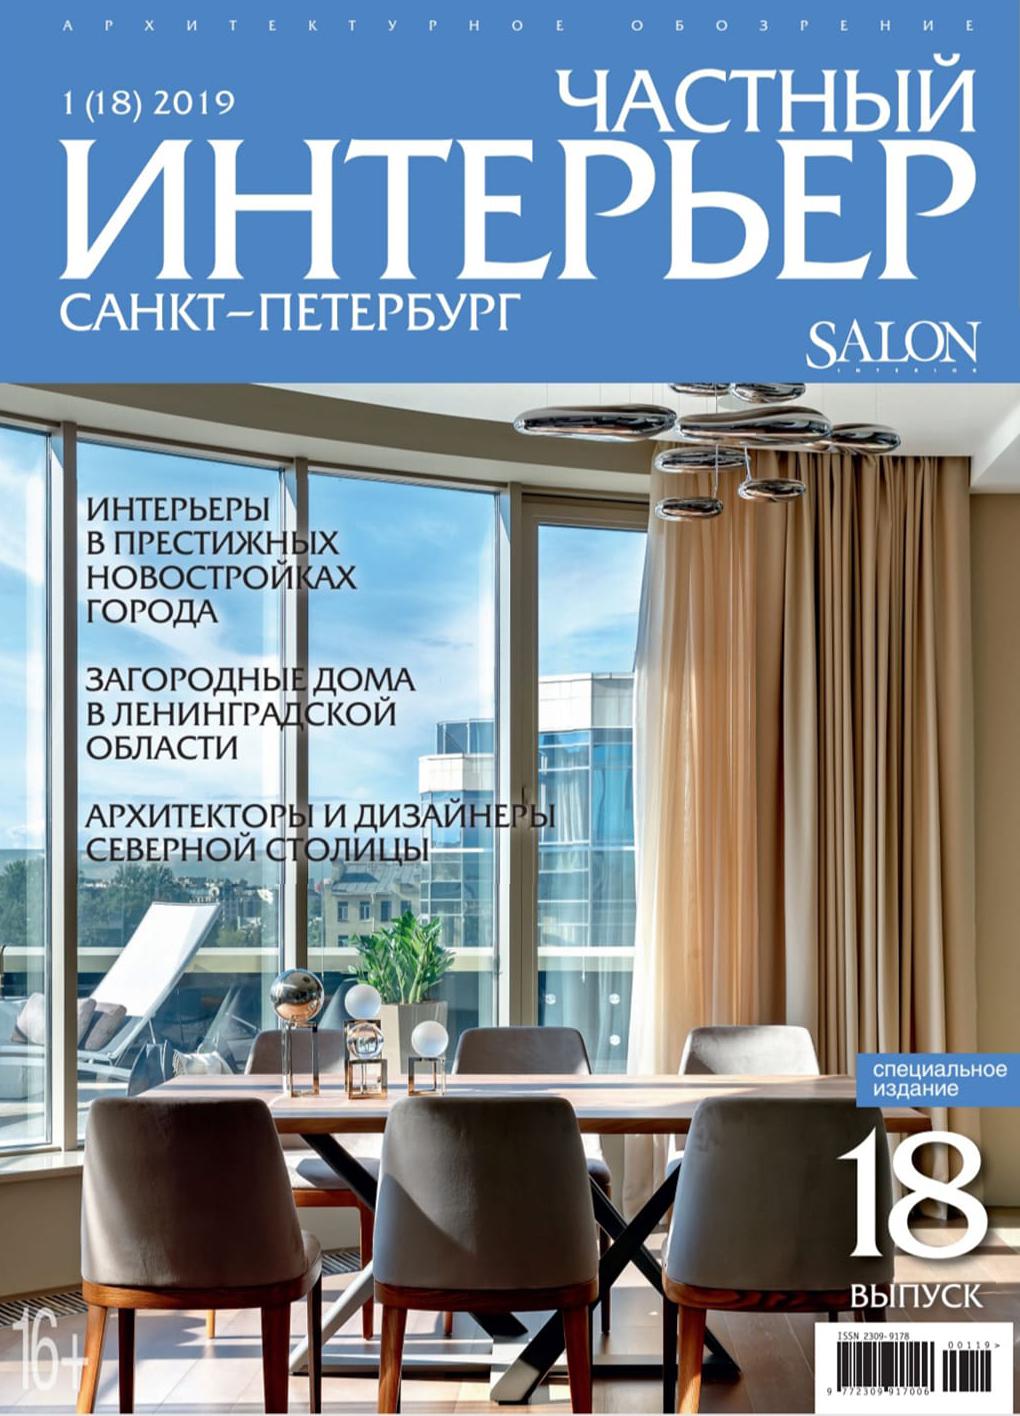 Обложка журнала Частный интерьер